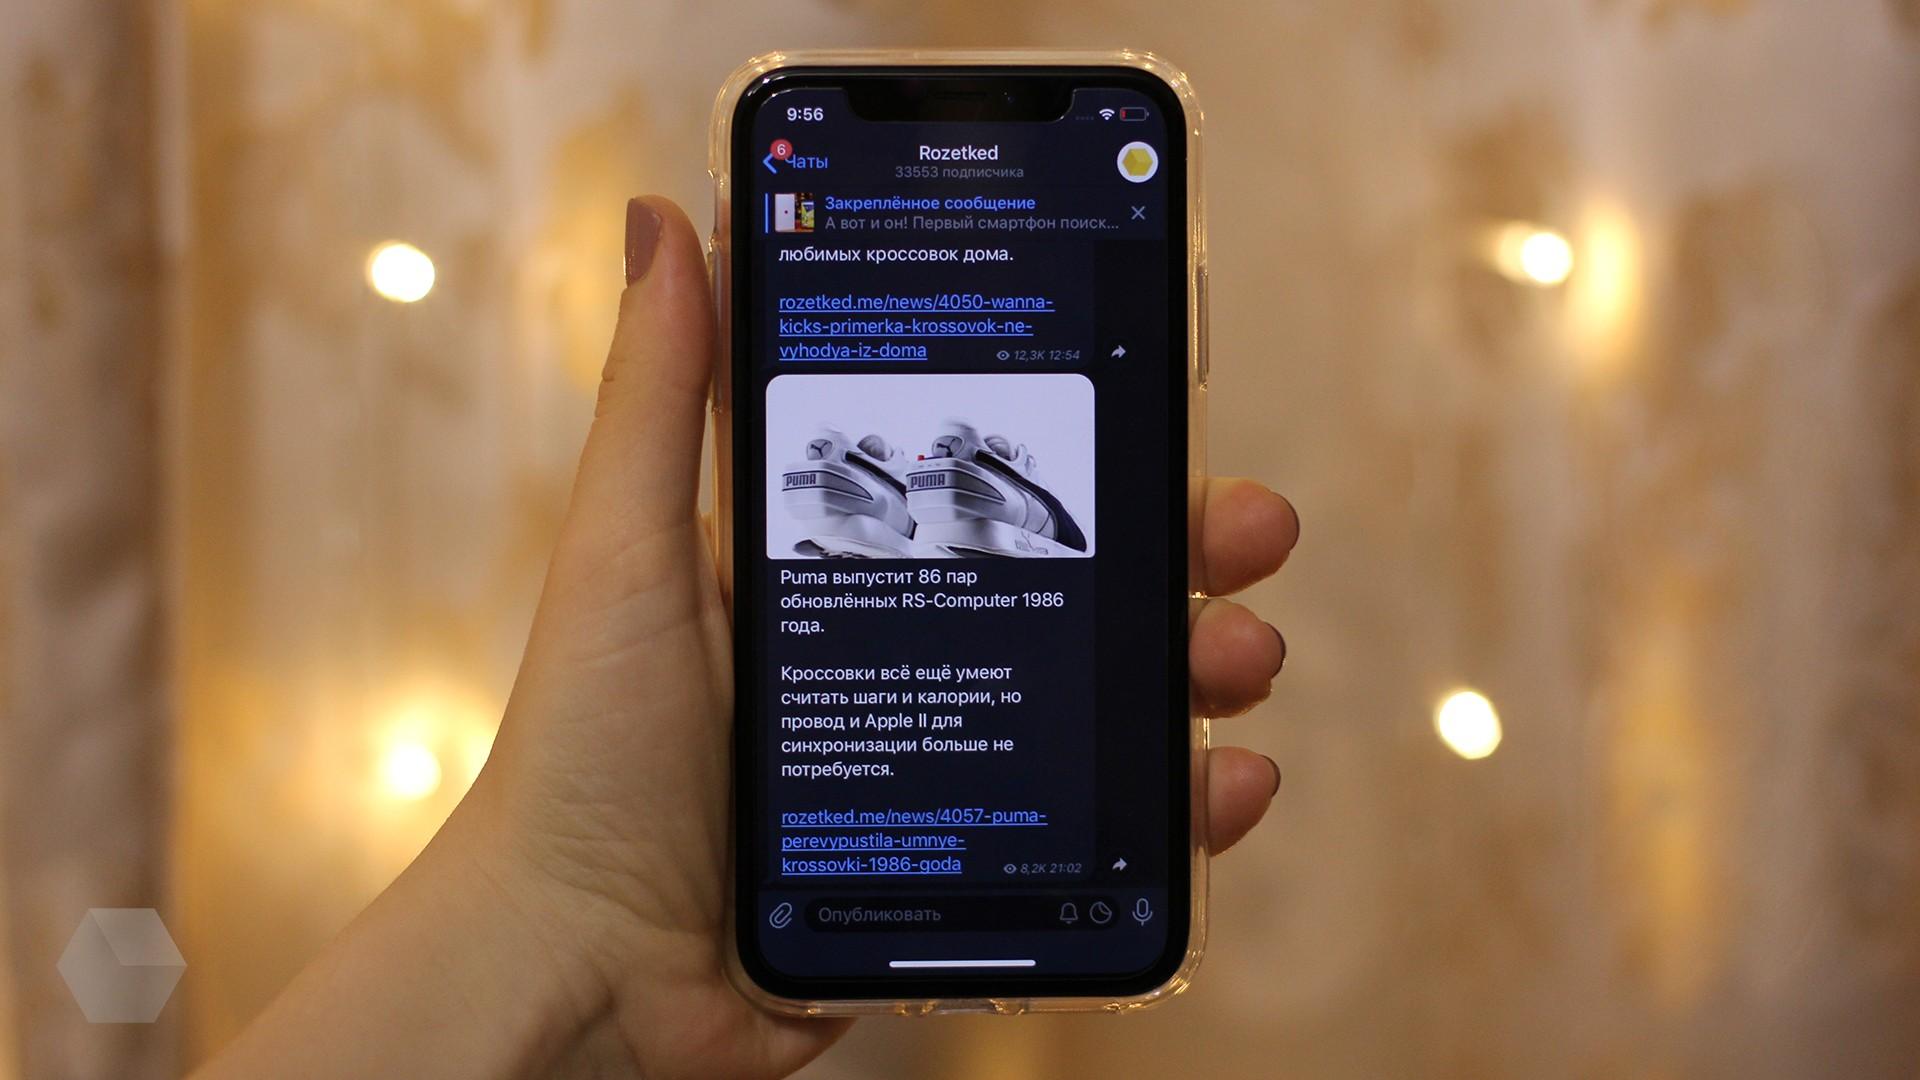 Telegram 5.1 для iOS: Instant View 2.0 и «Прочитать всё»